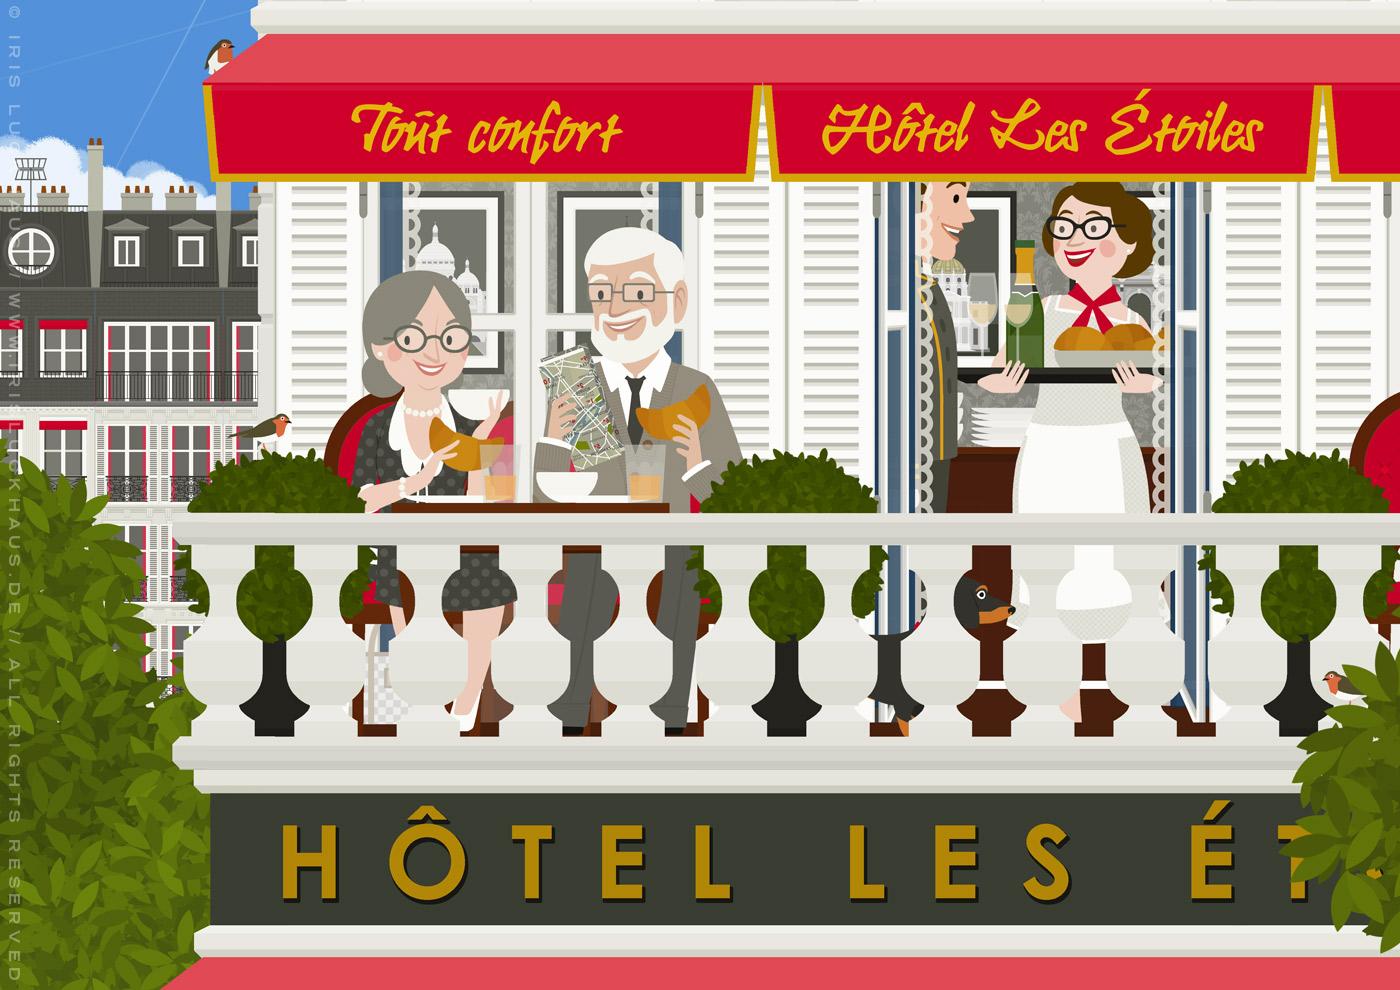 Zeichnung eines alten Pärchens mit Dackel, das auf einem Balkon im Hotel in Paris sein Frühstück von der Concierge serviert bekommt